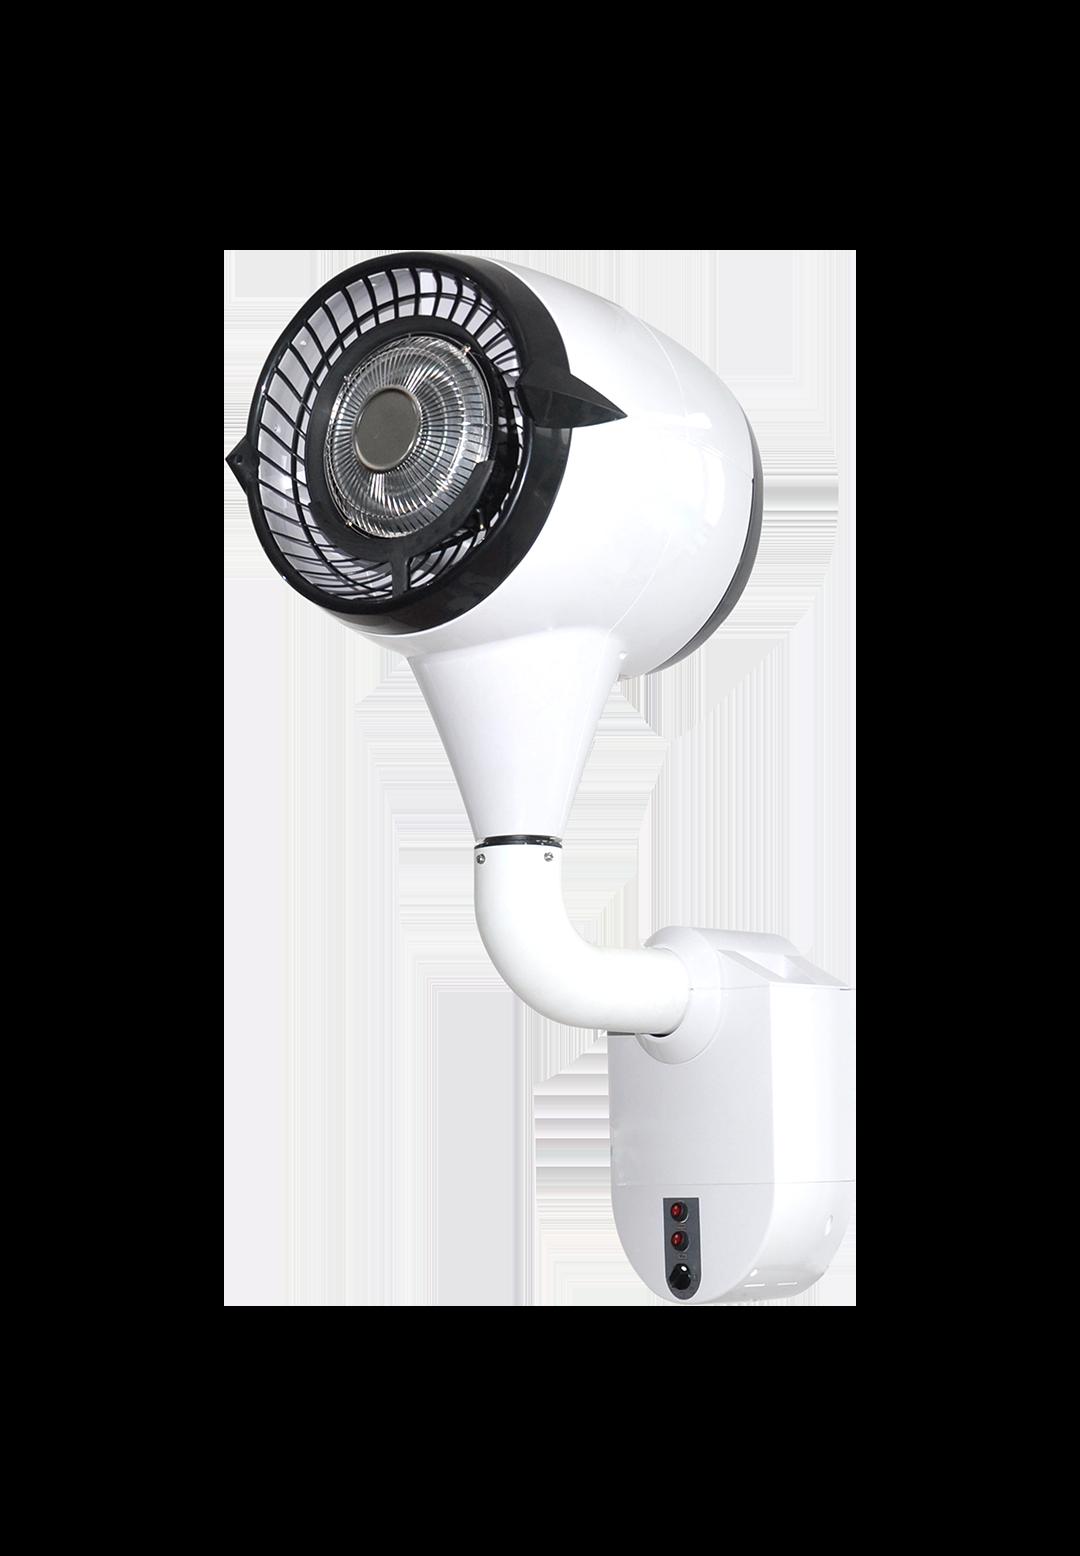 ventilateur de brumisation pro